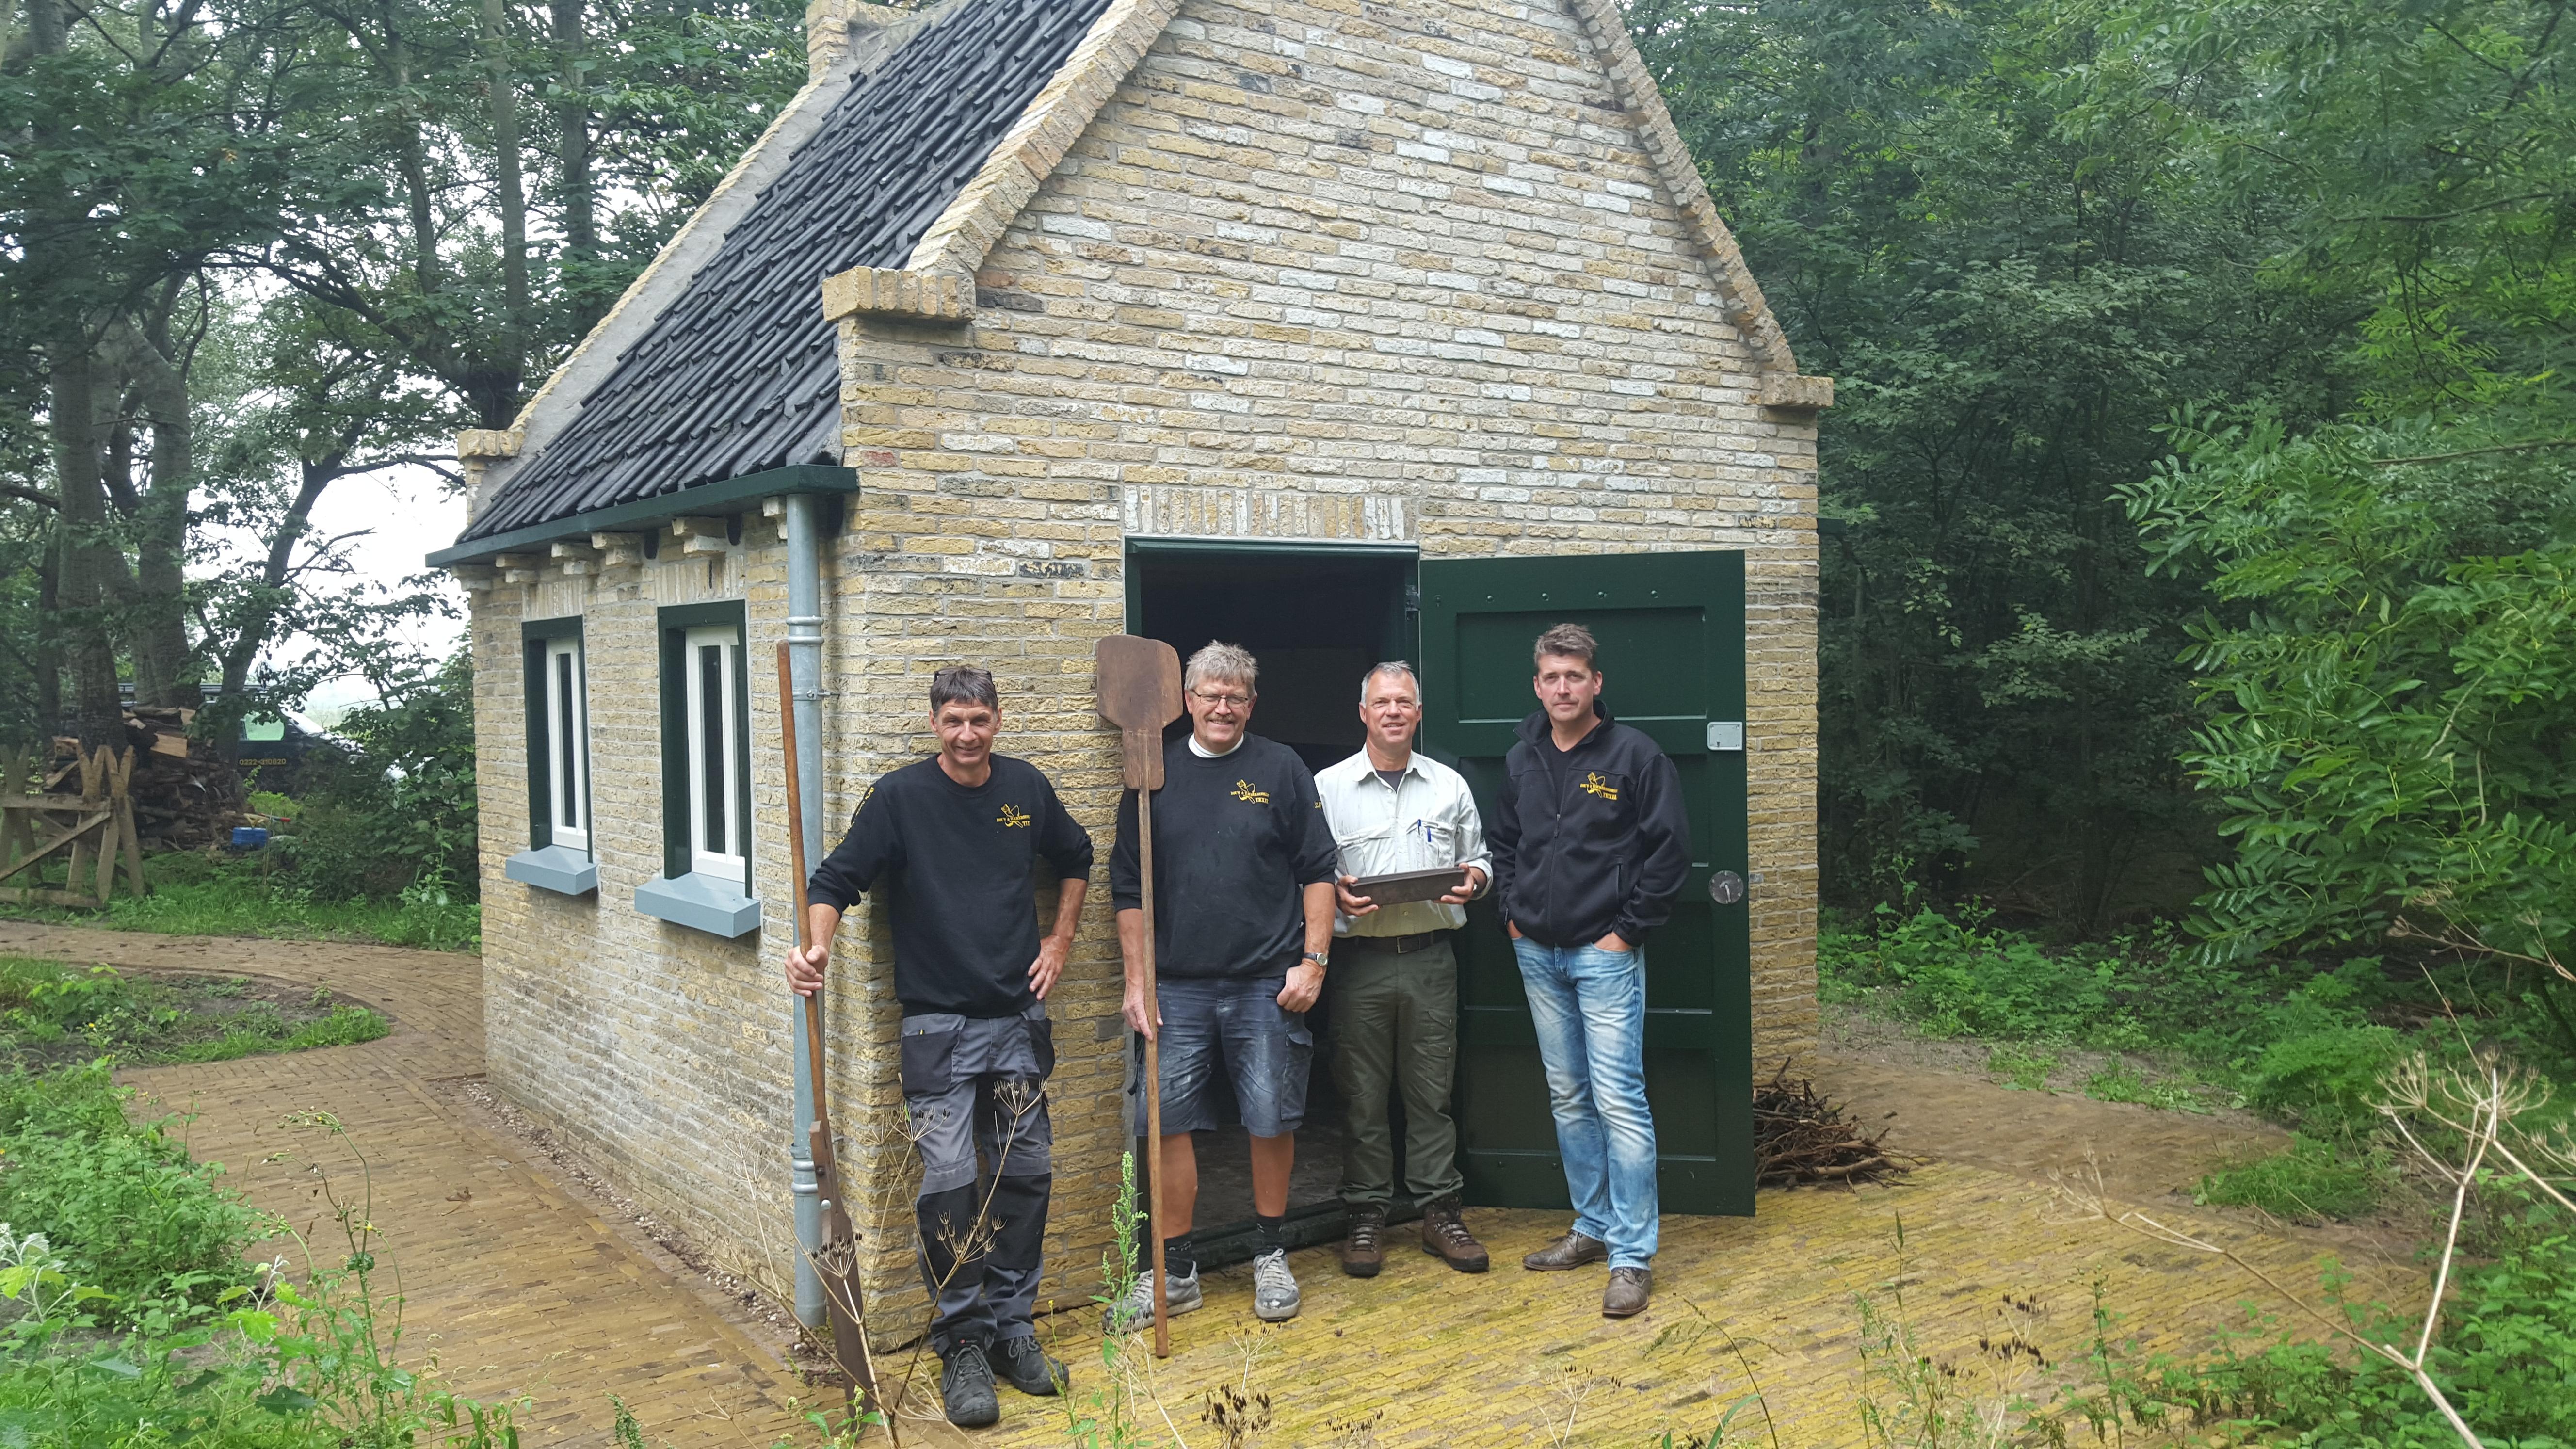 De trotse restaurateurs, Willem Houwing, Jacob Hollander en eigenaar Dennis Beumkes van Bouw- en Timmerbedrijf Texel en boswachter Edwin van Egmond voor het onlangs opgeleverde bakhuis.